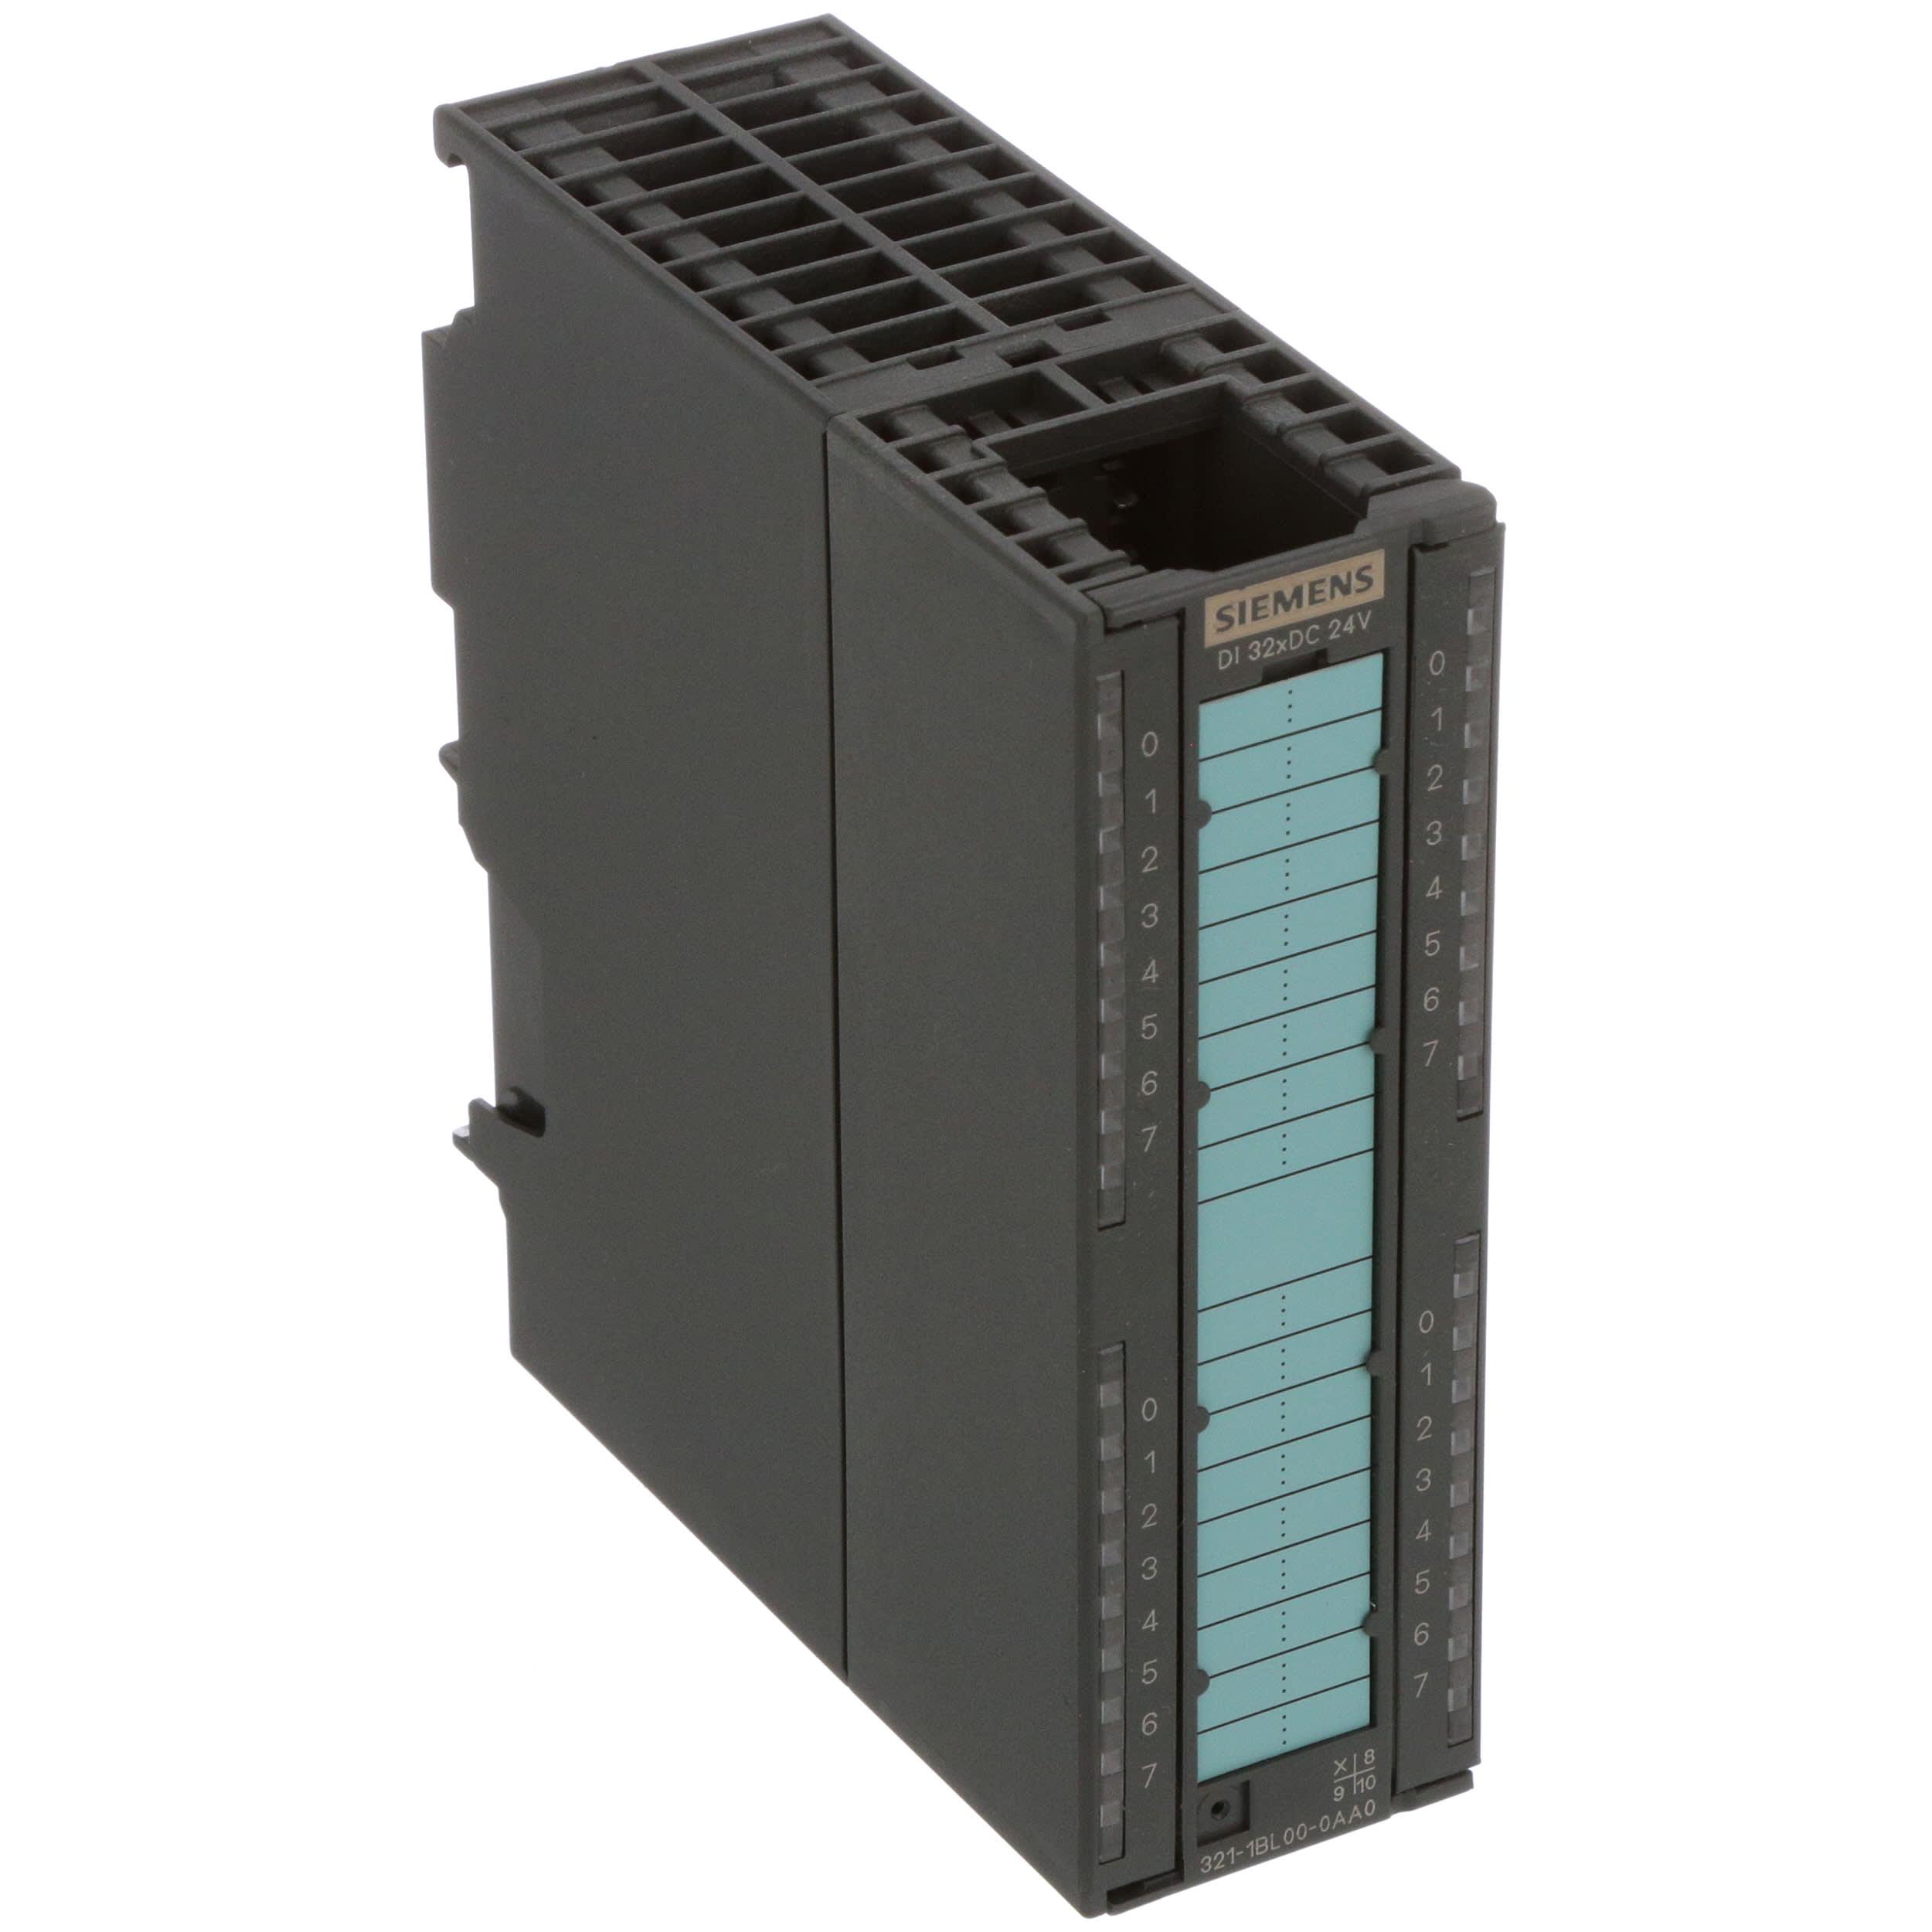 1x Siemens Simatic 6ES7 321-1BL00-0AA0  6ES7321-1BL00-0AA0 DI 32xDC24V